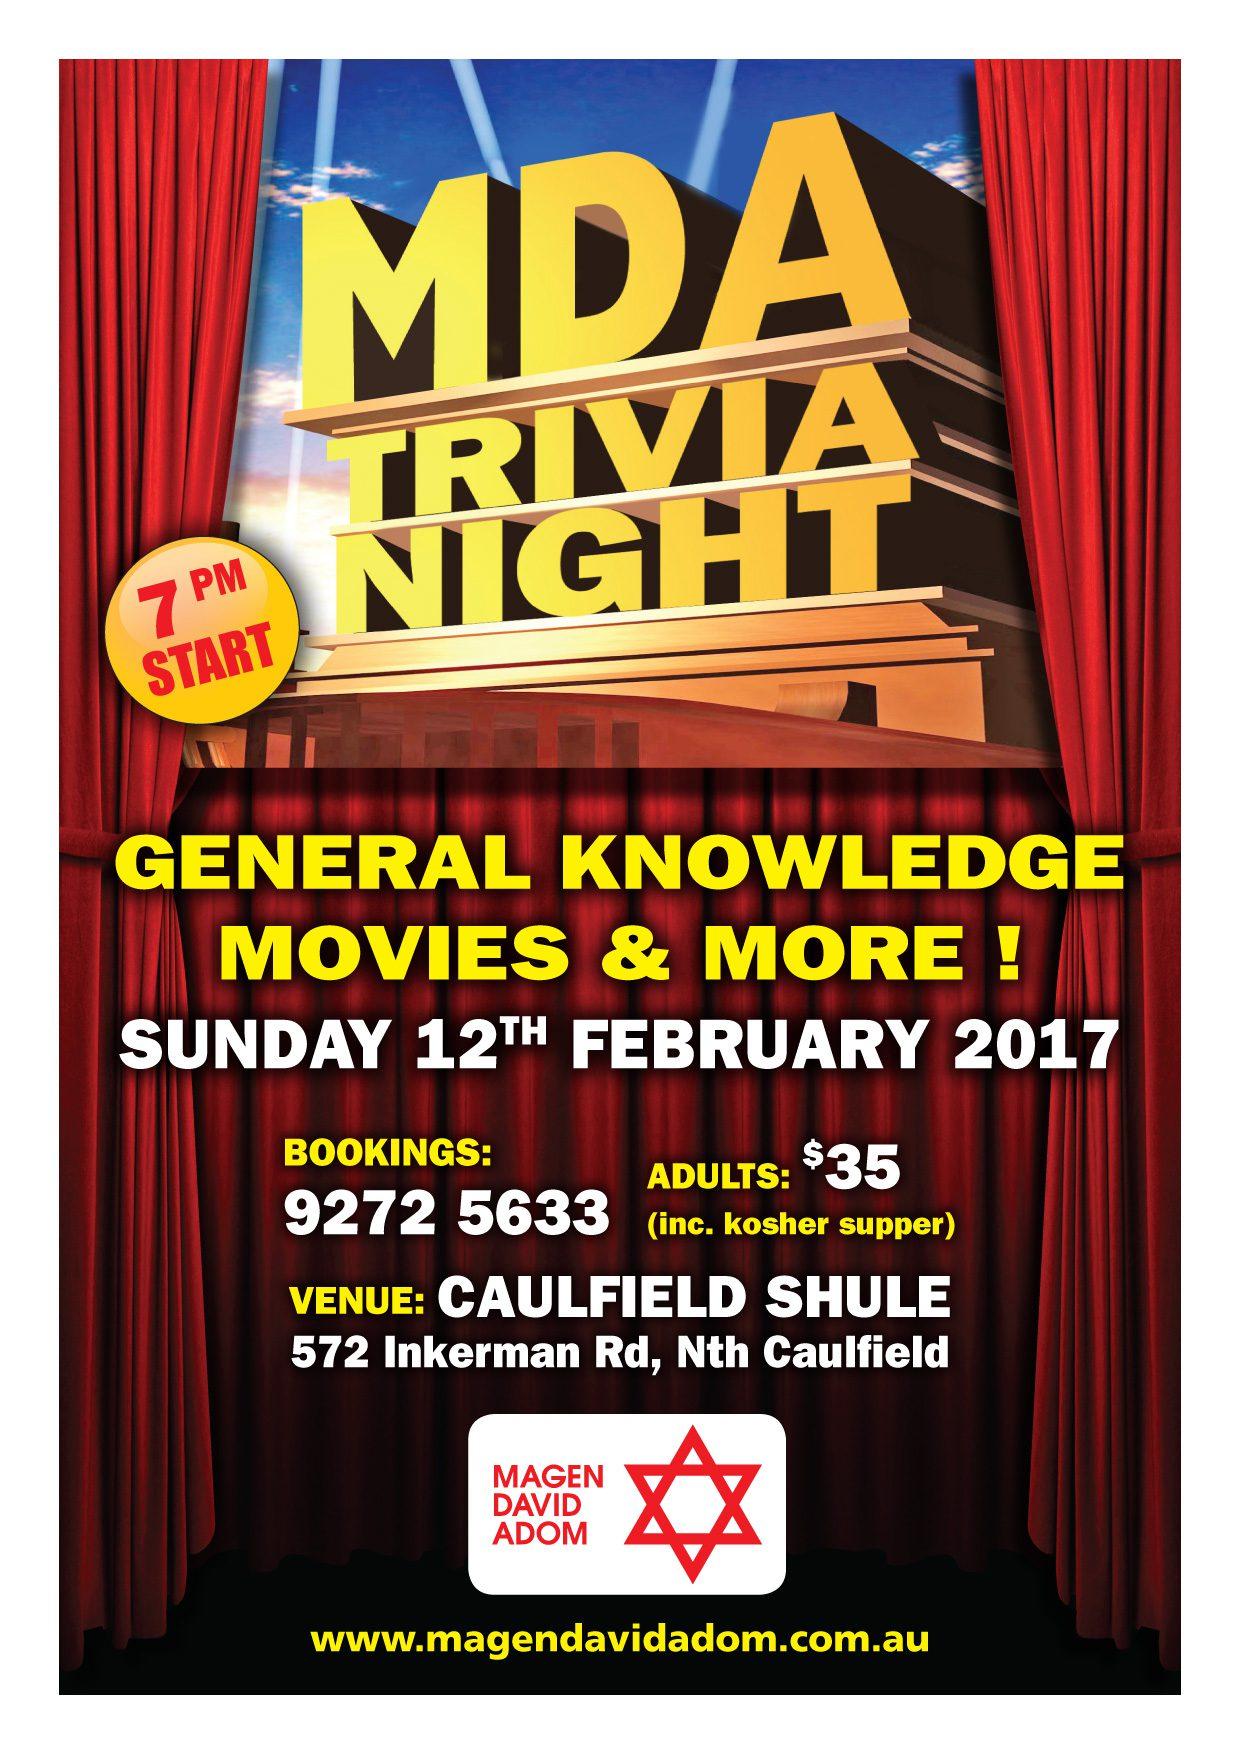 MDA Trivia Night - Magen David Adom